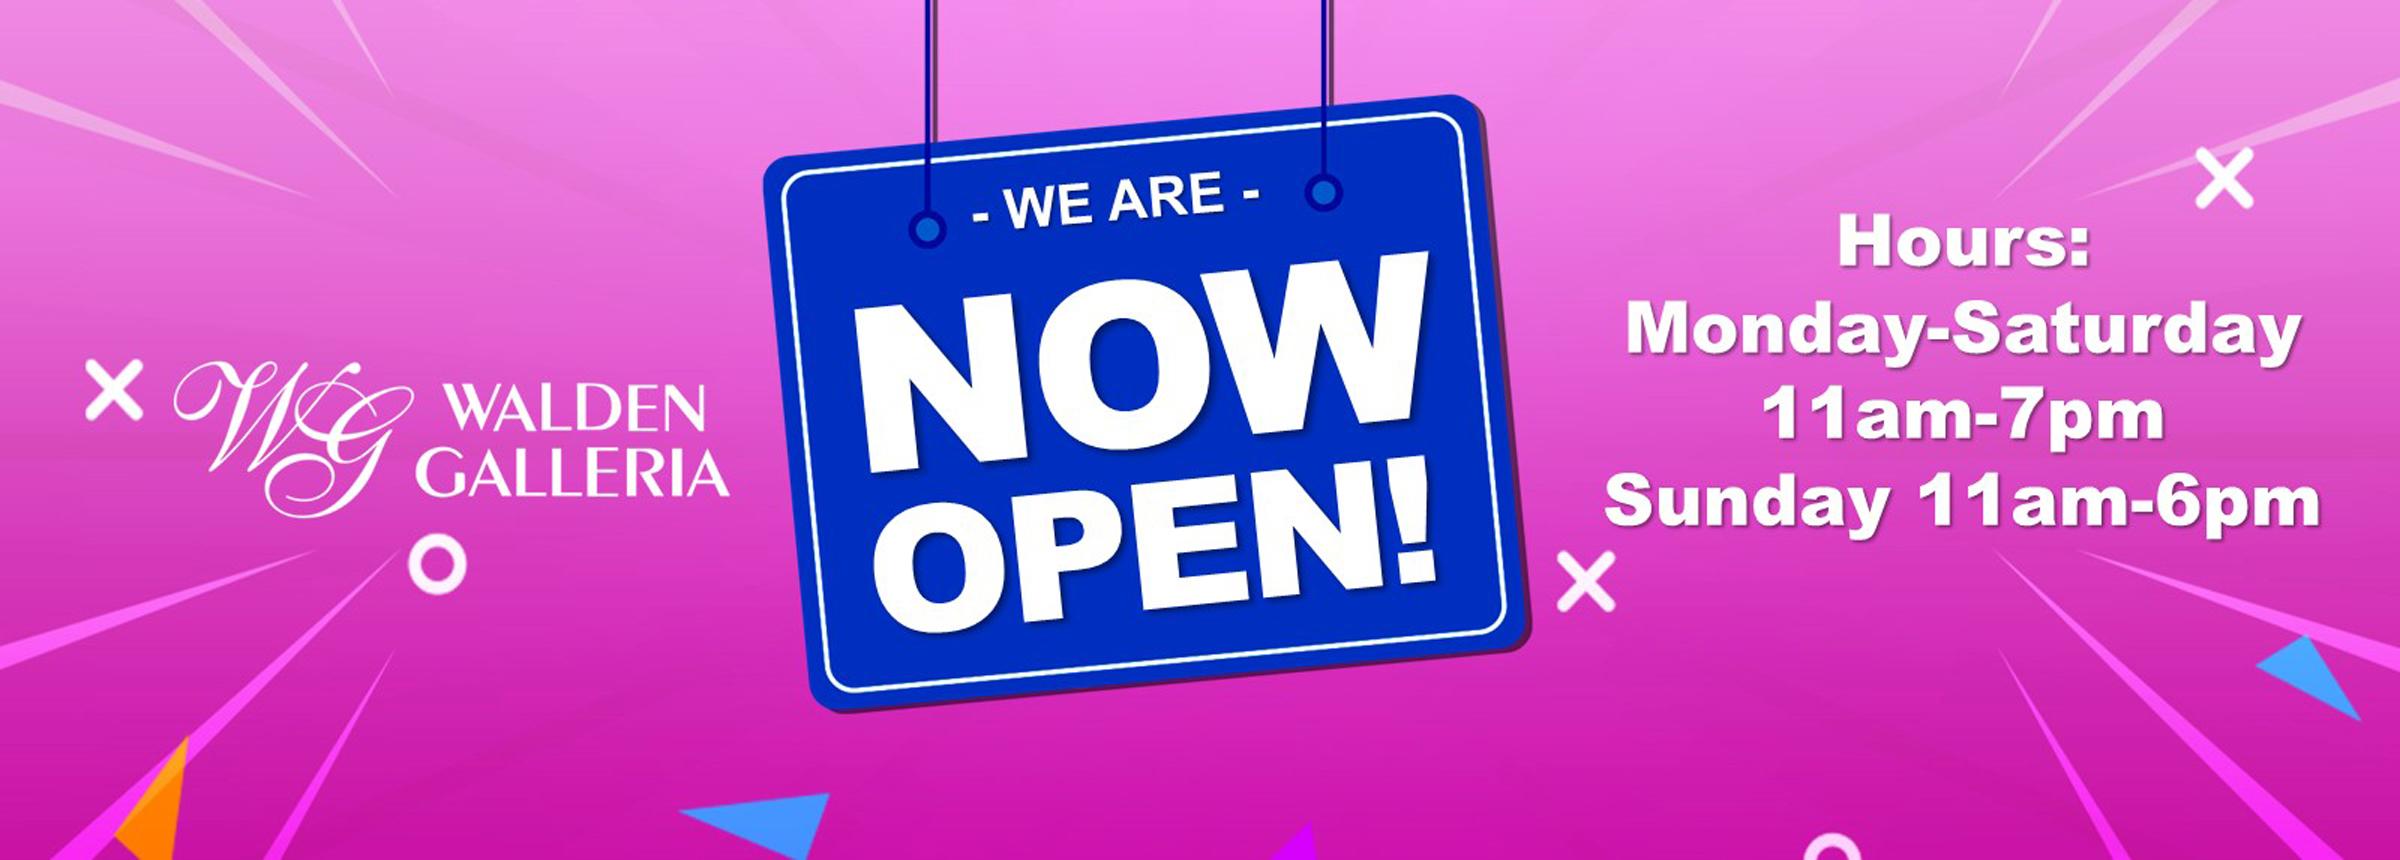 2020 07 10 now open 2400x860 1